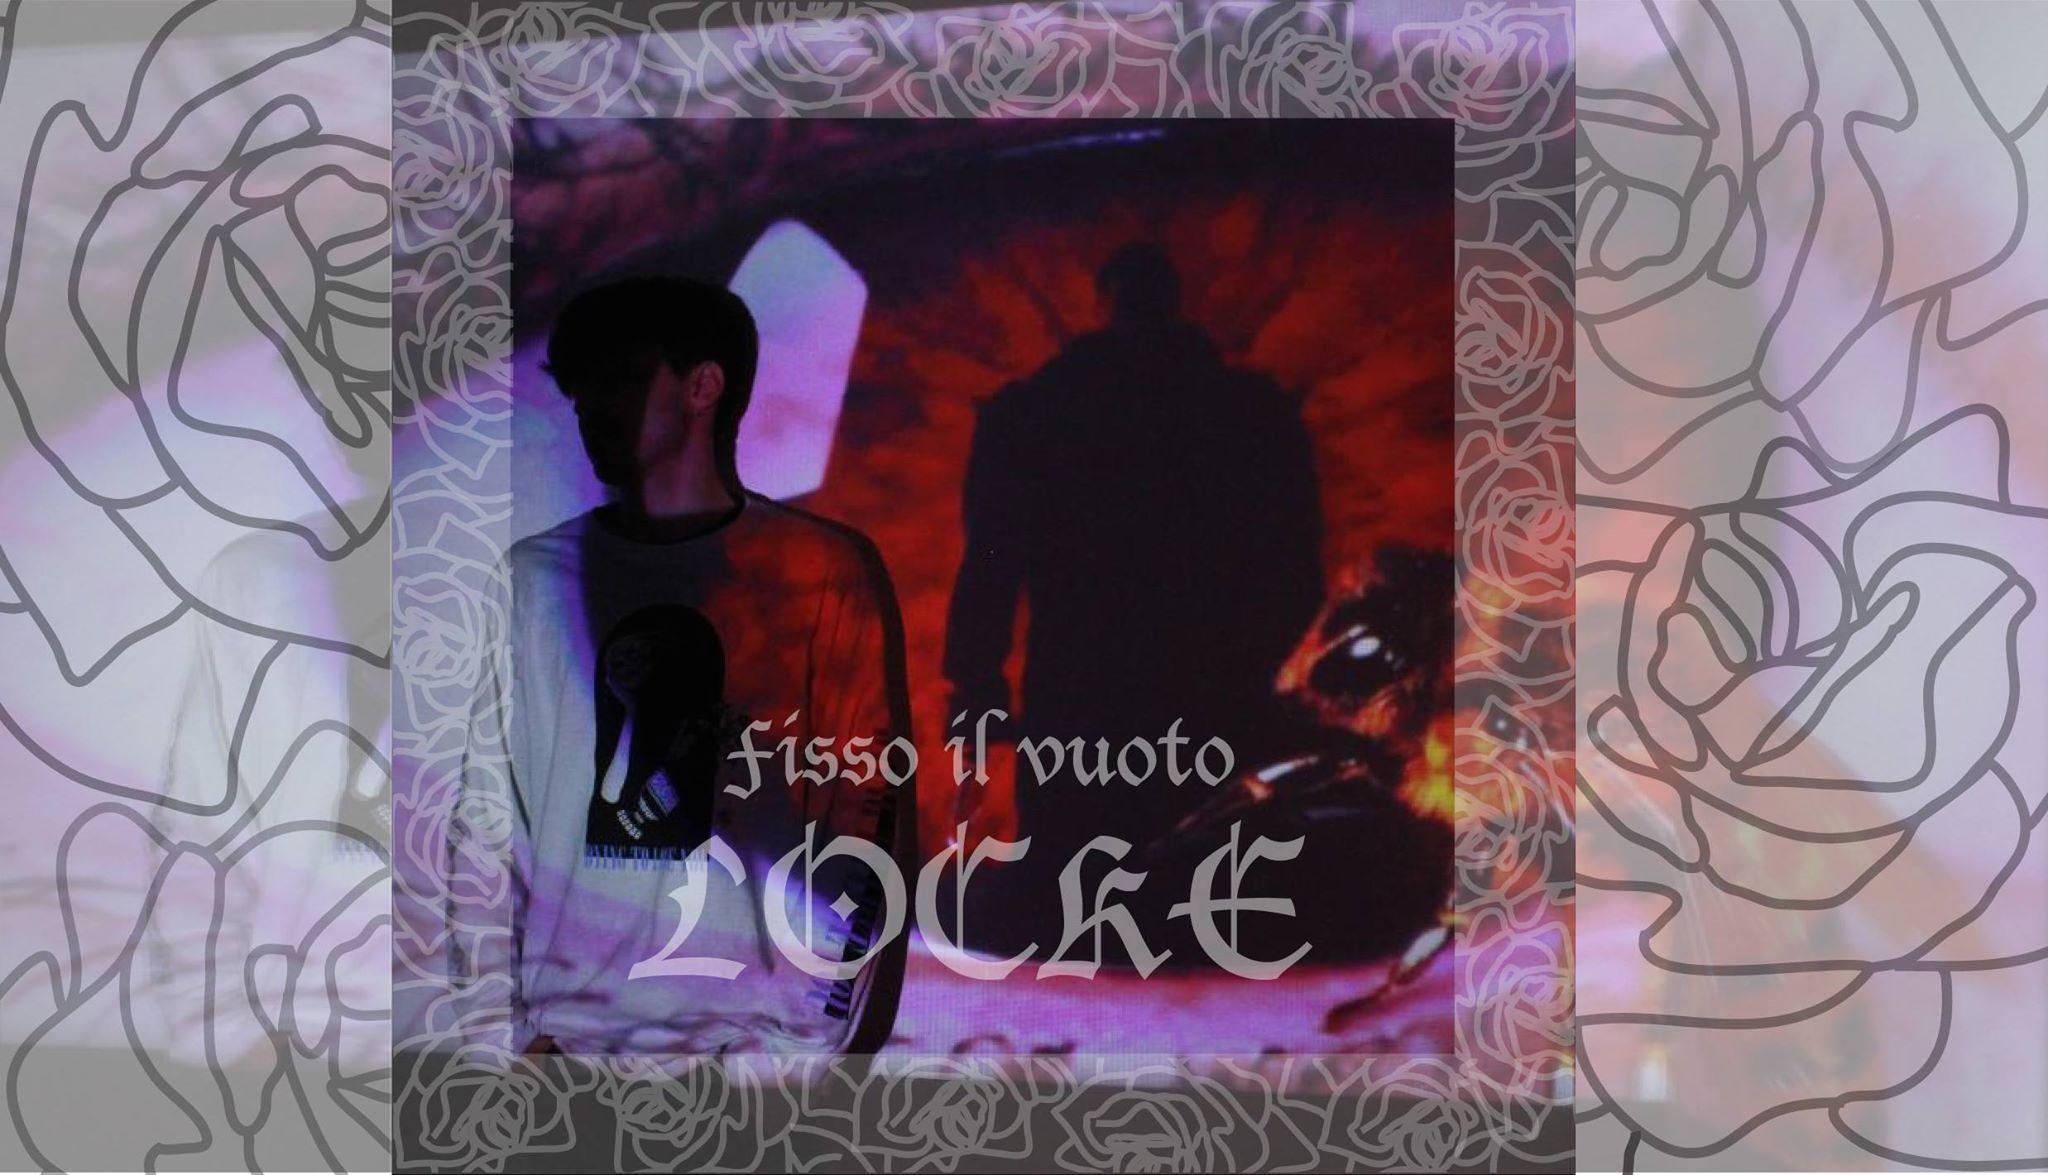 MUSICA Locke, Fisso il vuoto